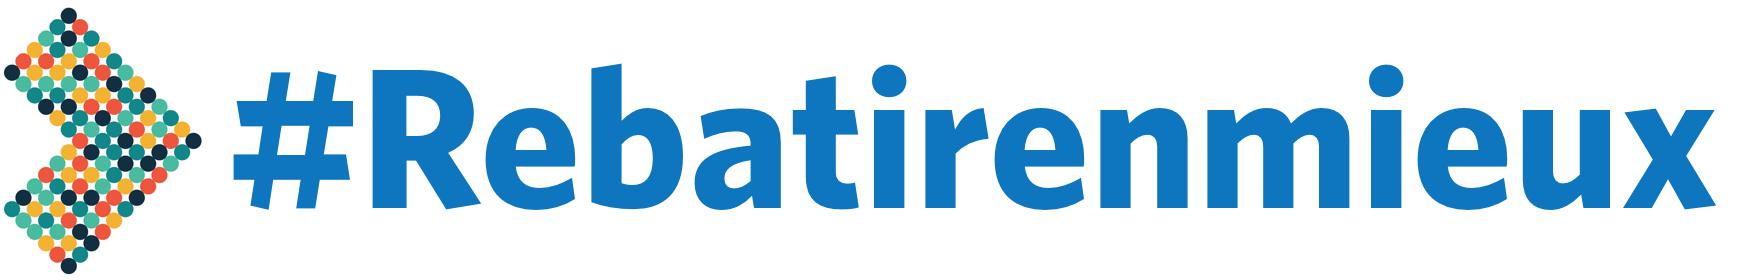 Rebatir en mieux logo